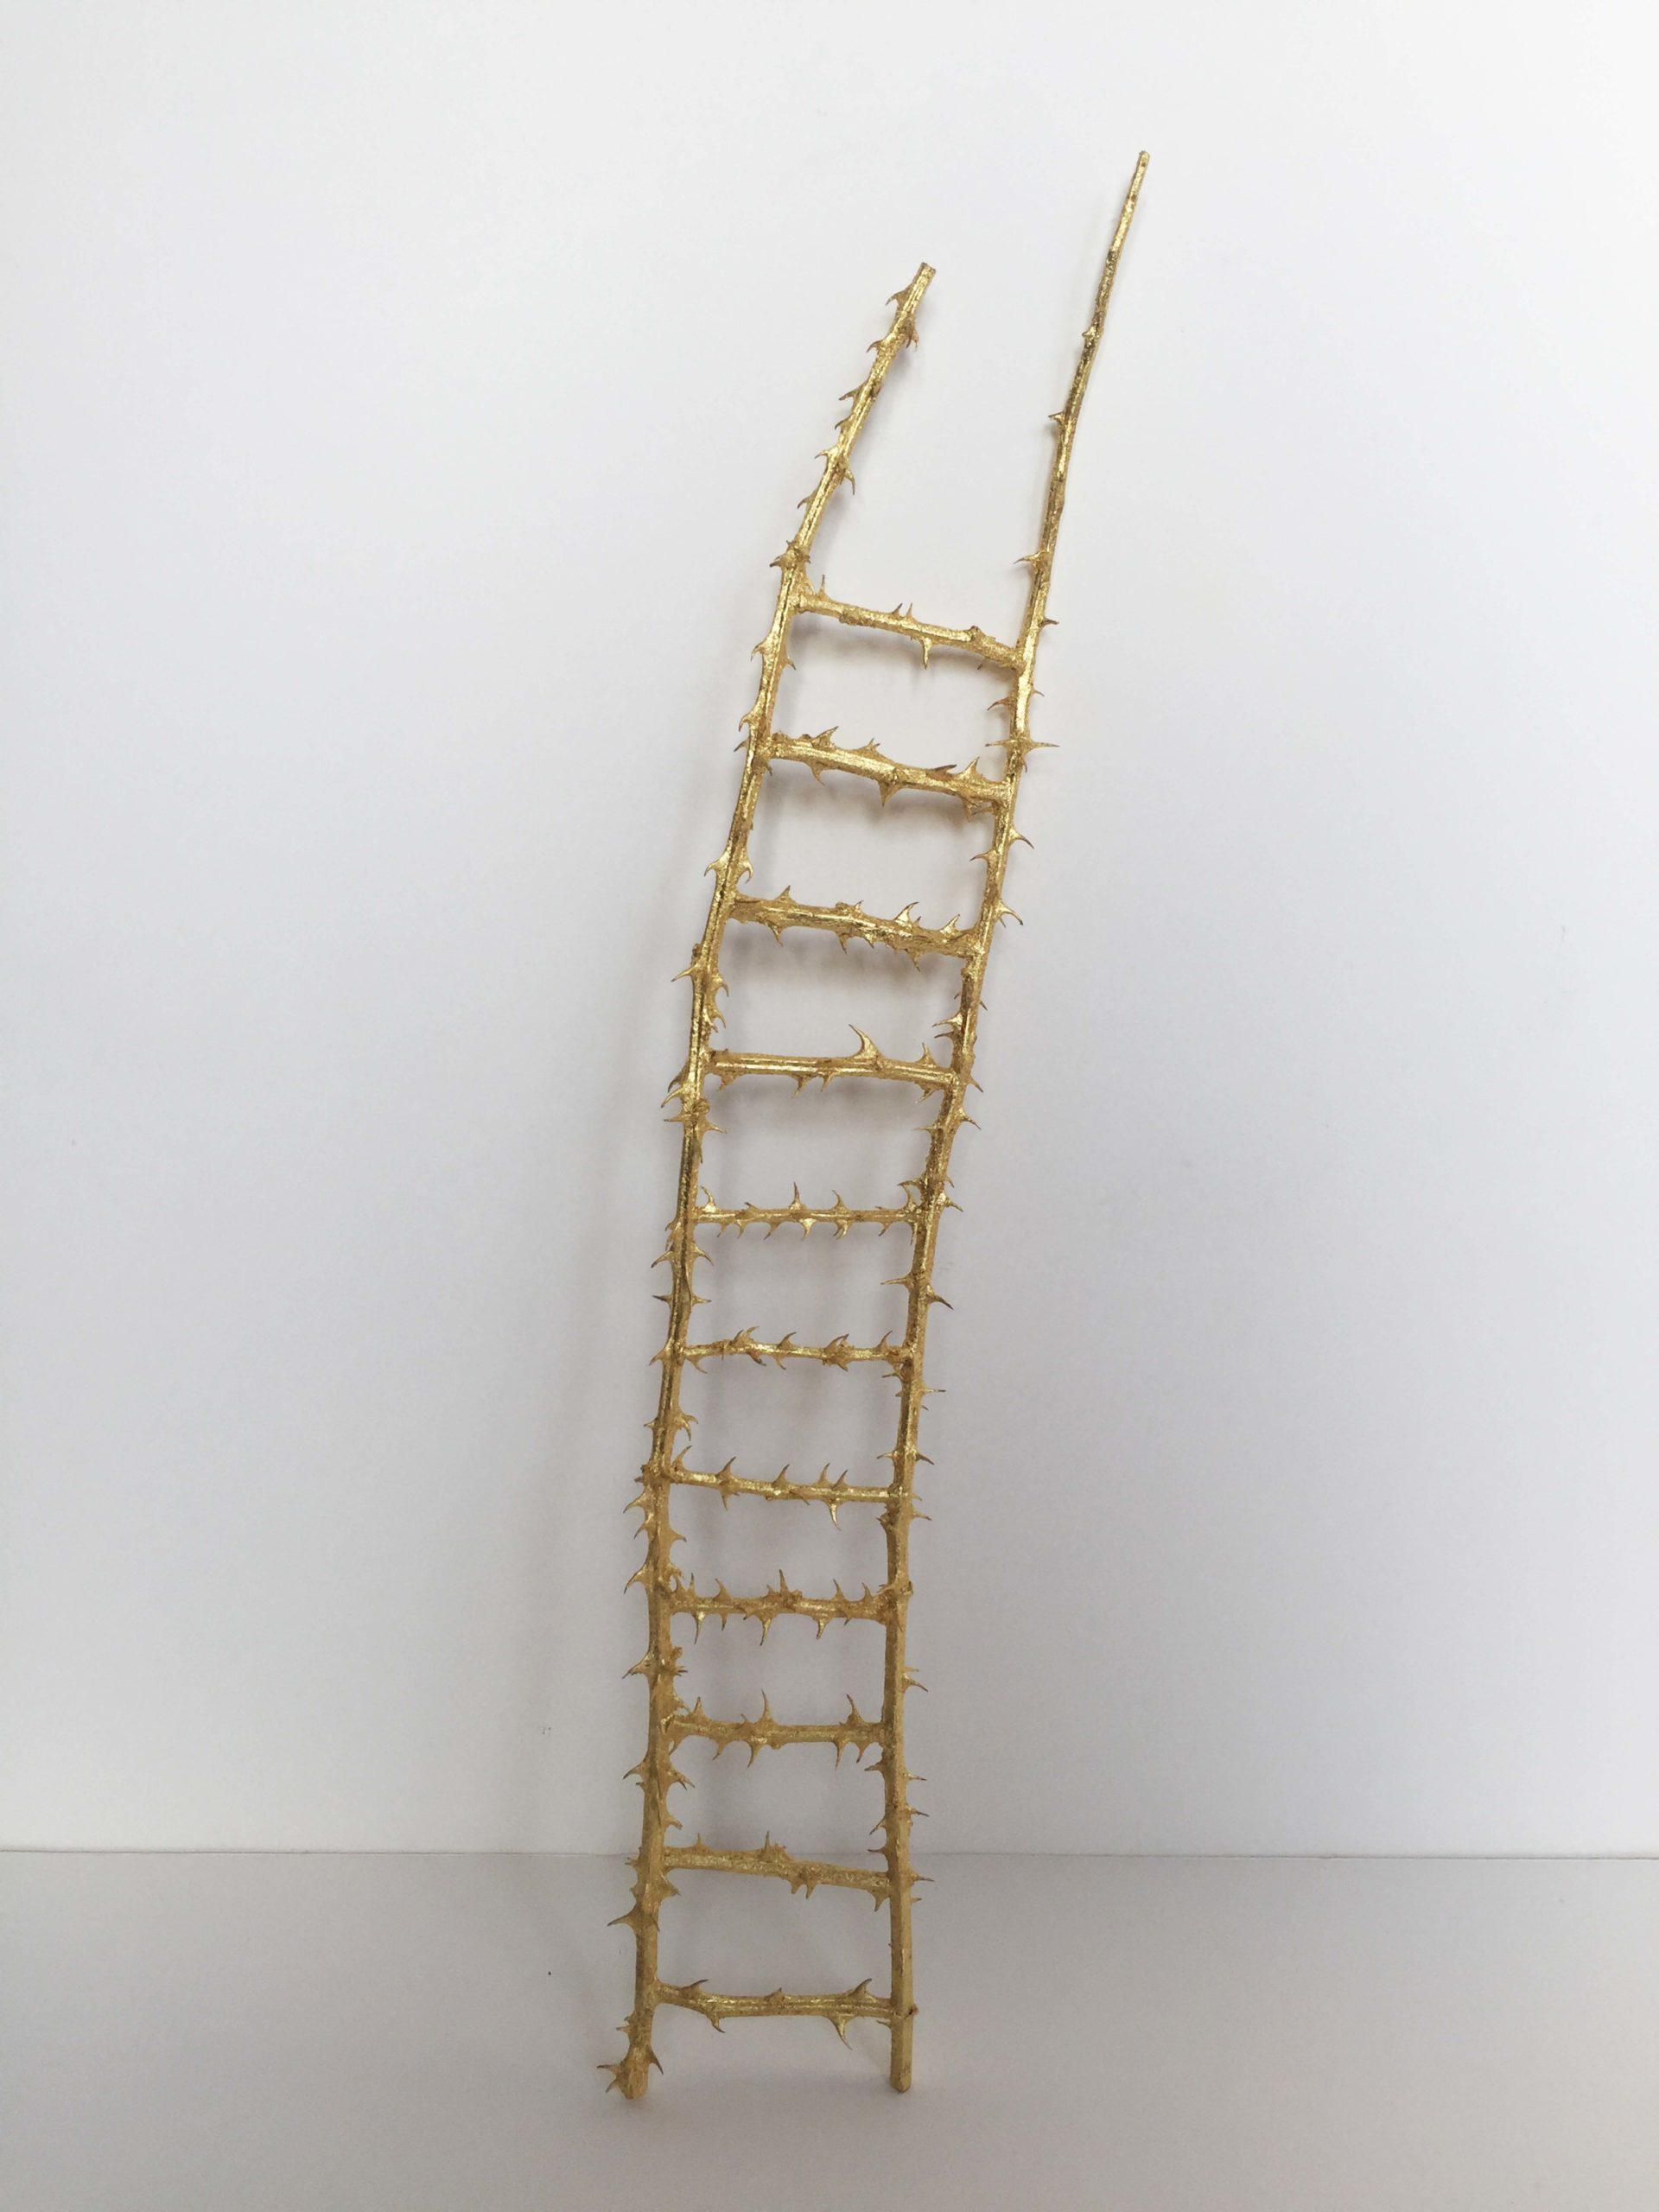 Laure Tixier_Il se peut qu'on s'évade en passant par le toit_2020_41. 8 x 1,5 cm_Ronce dorée à la feuille d'or,Exhibition view MATRIOCHKAS, ANALIX FOREVER, mars 2021